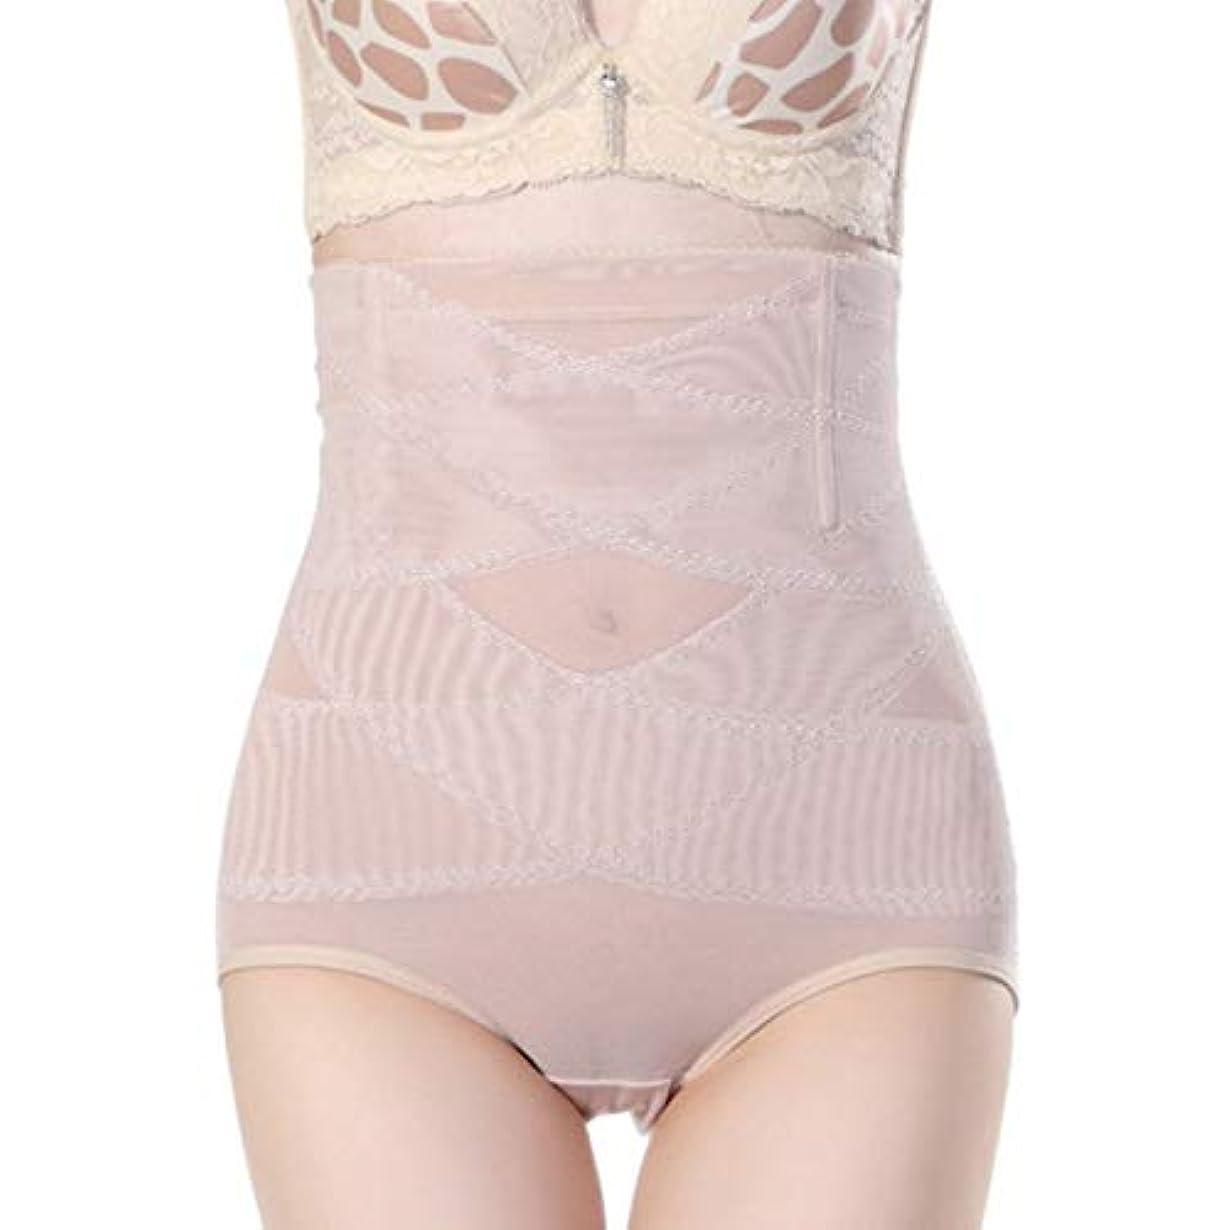 鎖速記野望腹部制御下着シームレスおなかコントロールパンティーバットリフターボディシェイパーを痩身通気性のハイウエストの女性 - 肌色M